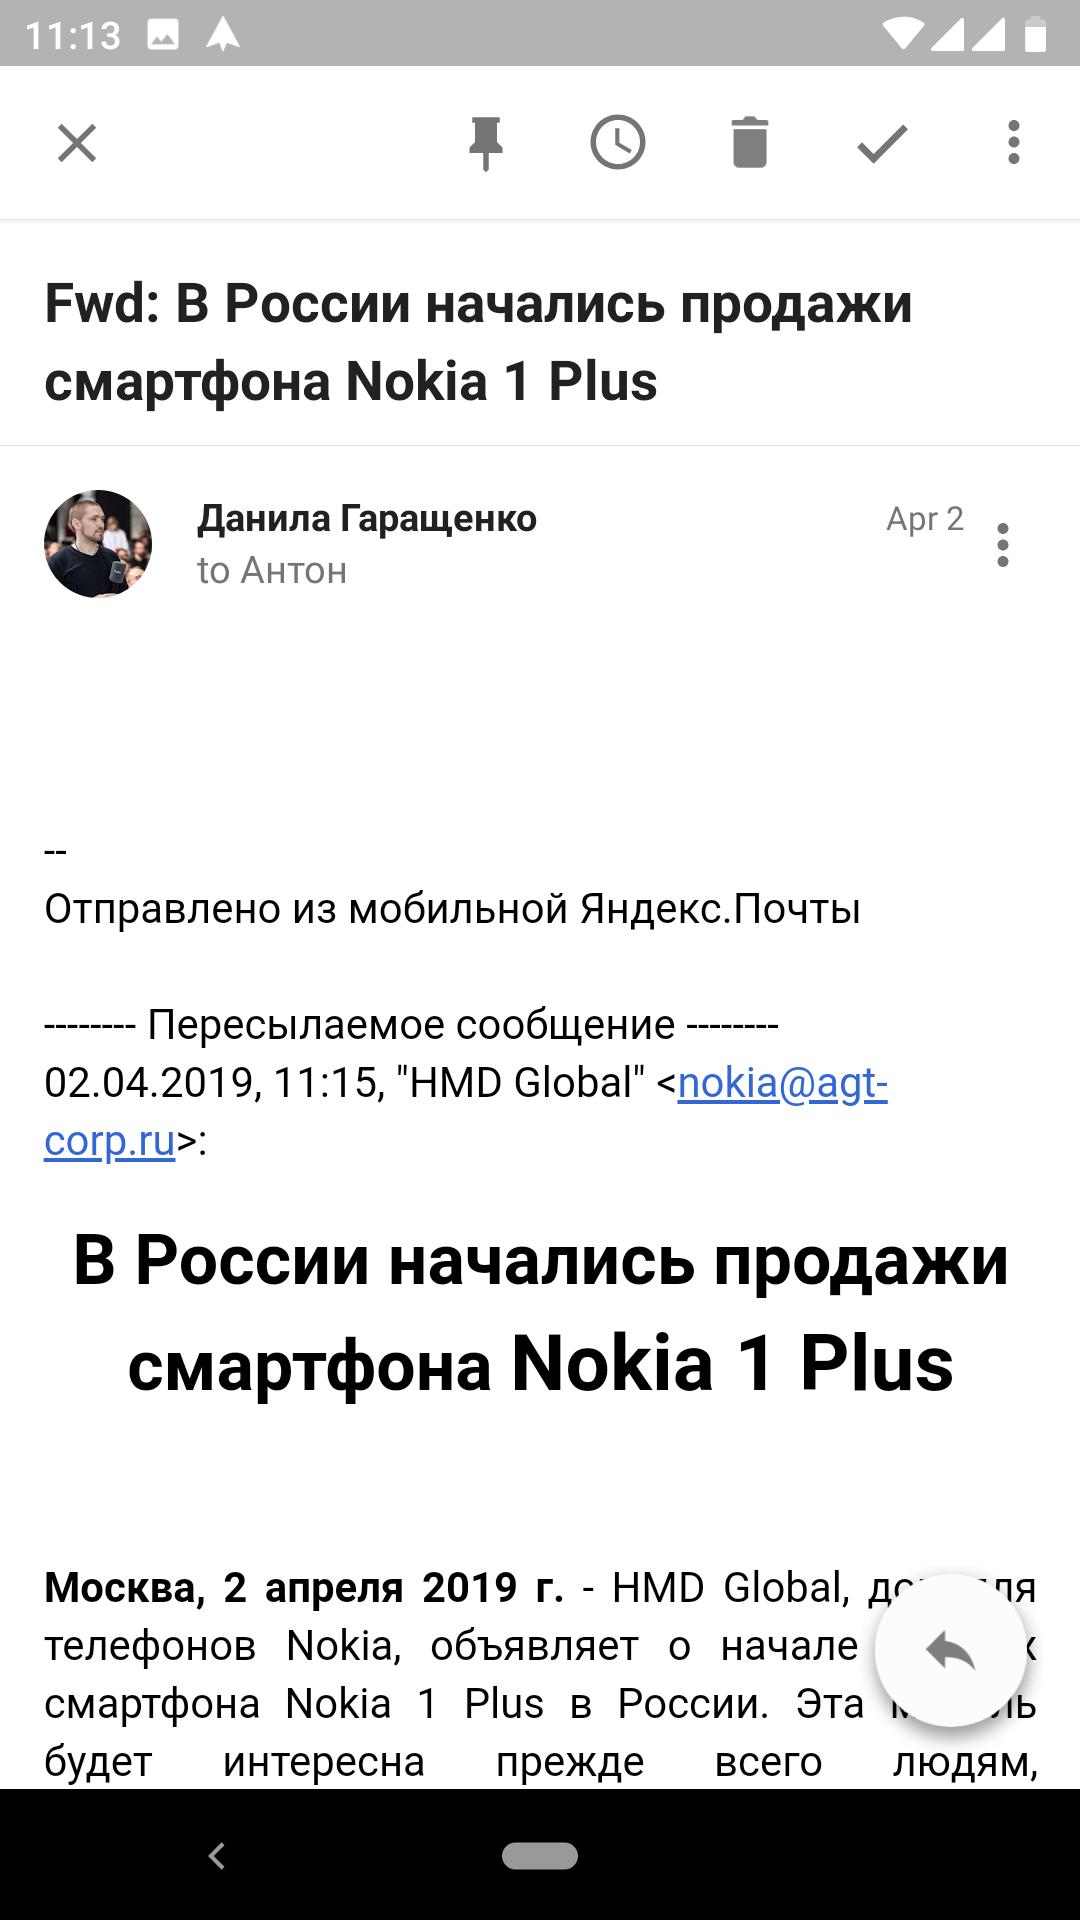 Spark для Android: достойная замена Google Inbox?15